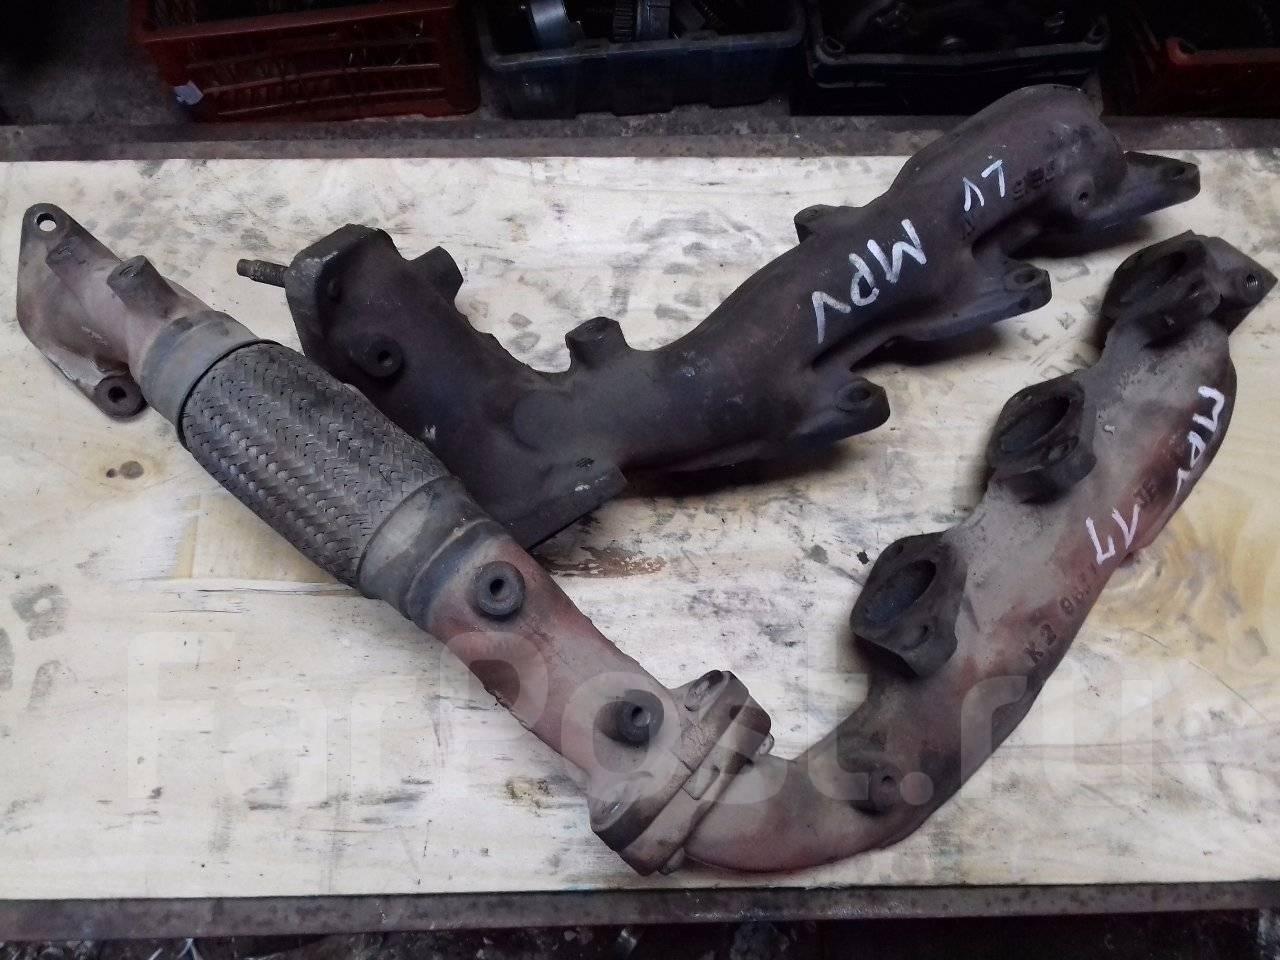 двигатель mazda mpv lw v 2.5 gy-de прокладка выпускного коллектора